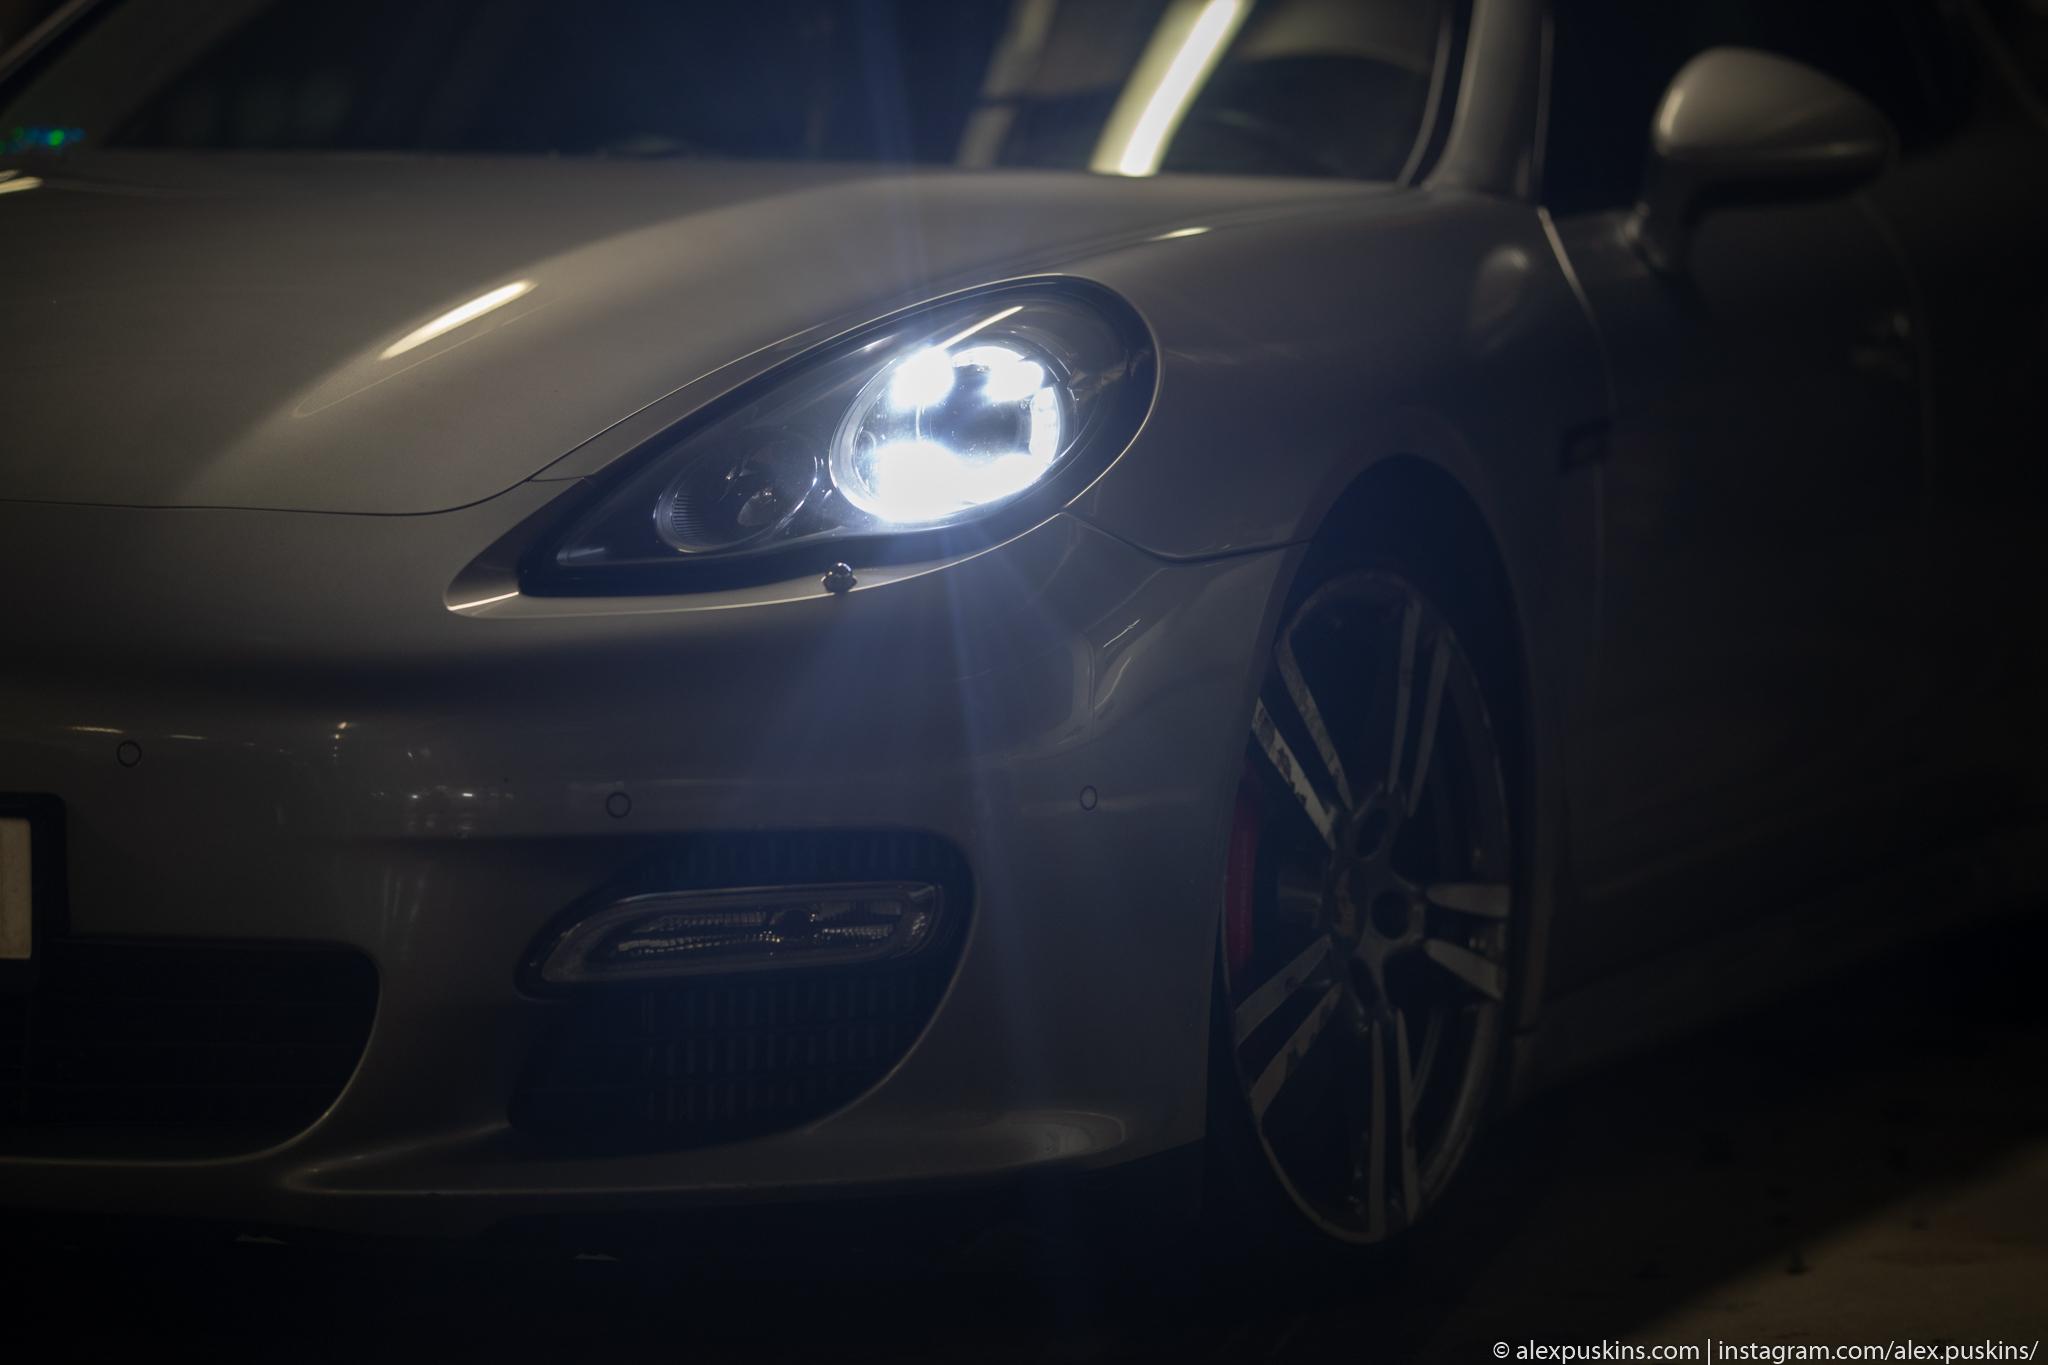 Актуальные новости про Hyundai и Renault на интернет-сайте Autobrands.lv